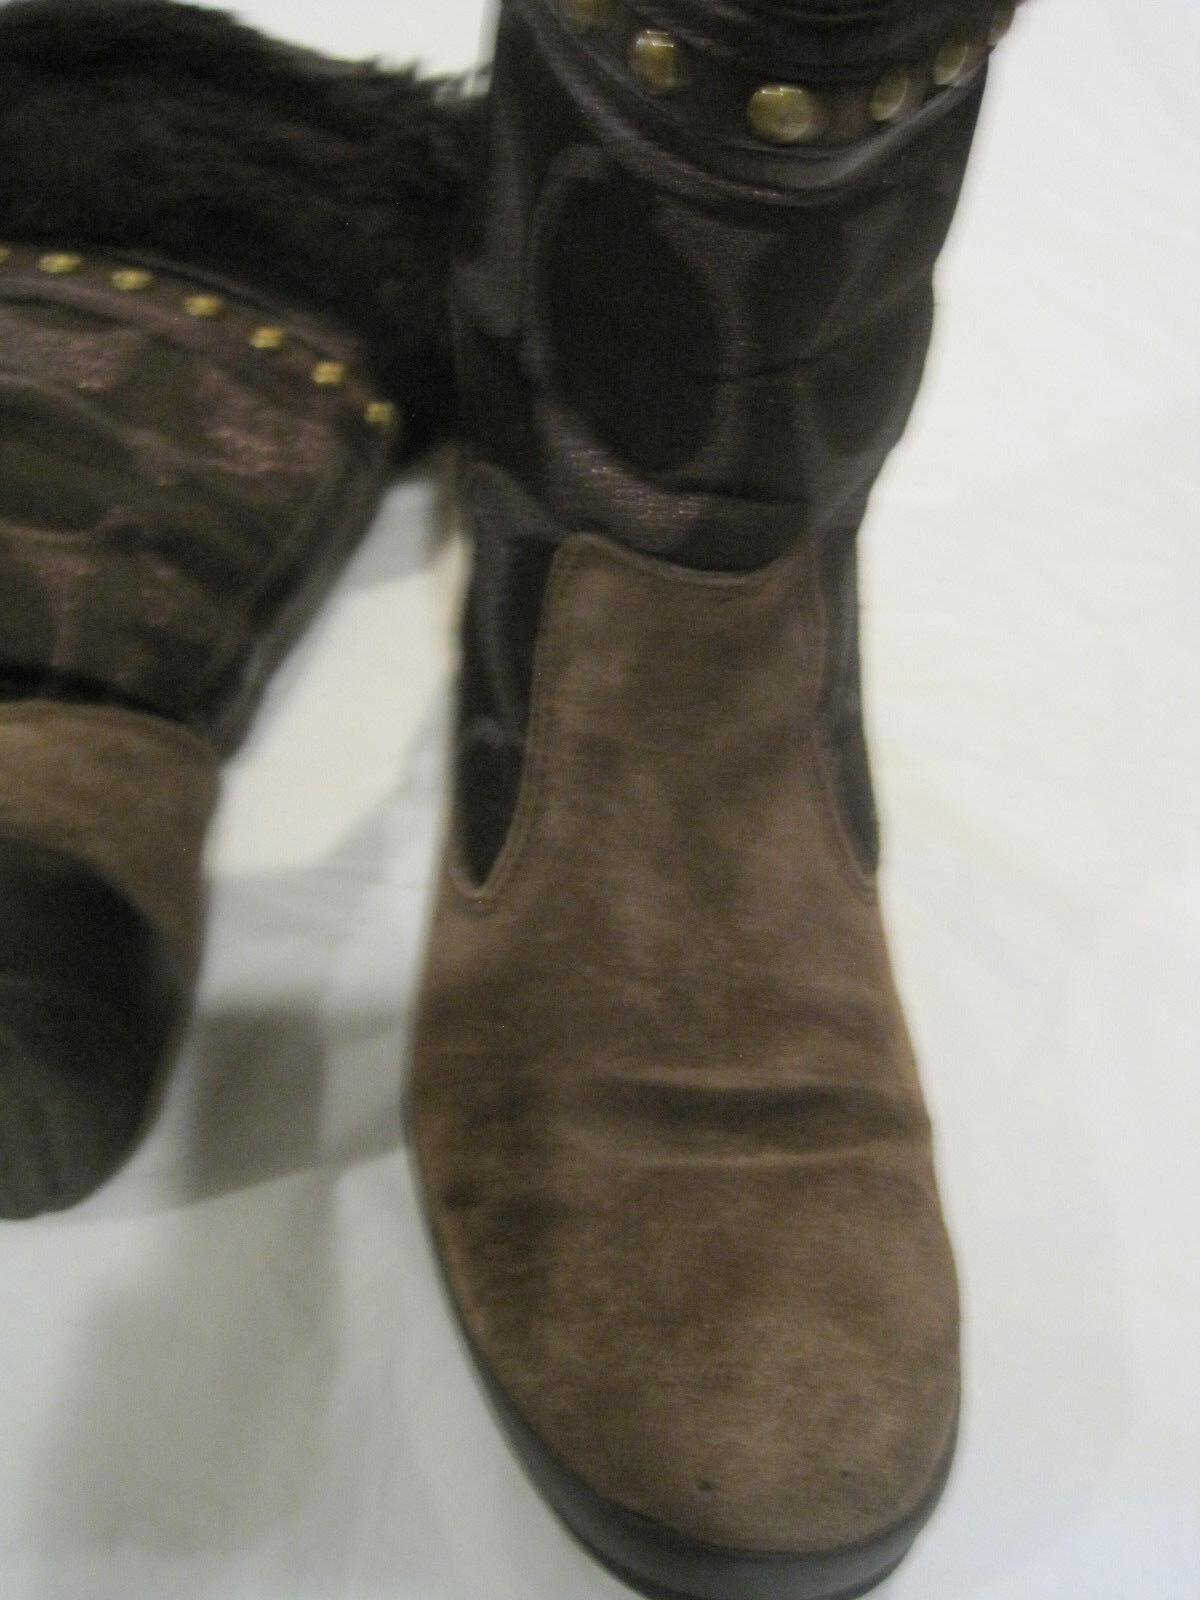 Entrenador Lesly marrón botas piel  firma y gamuza con ribete de piel botas A7092  Talla 7 1 2 M  lbdln a72218